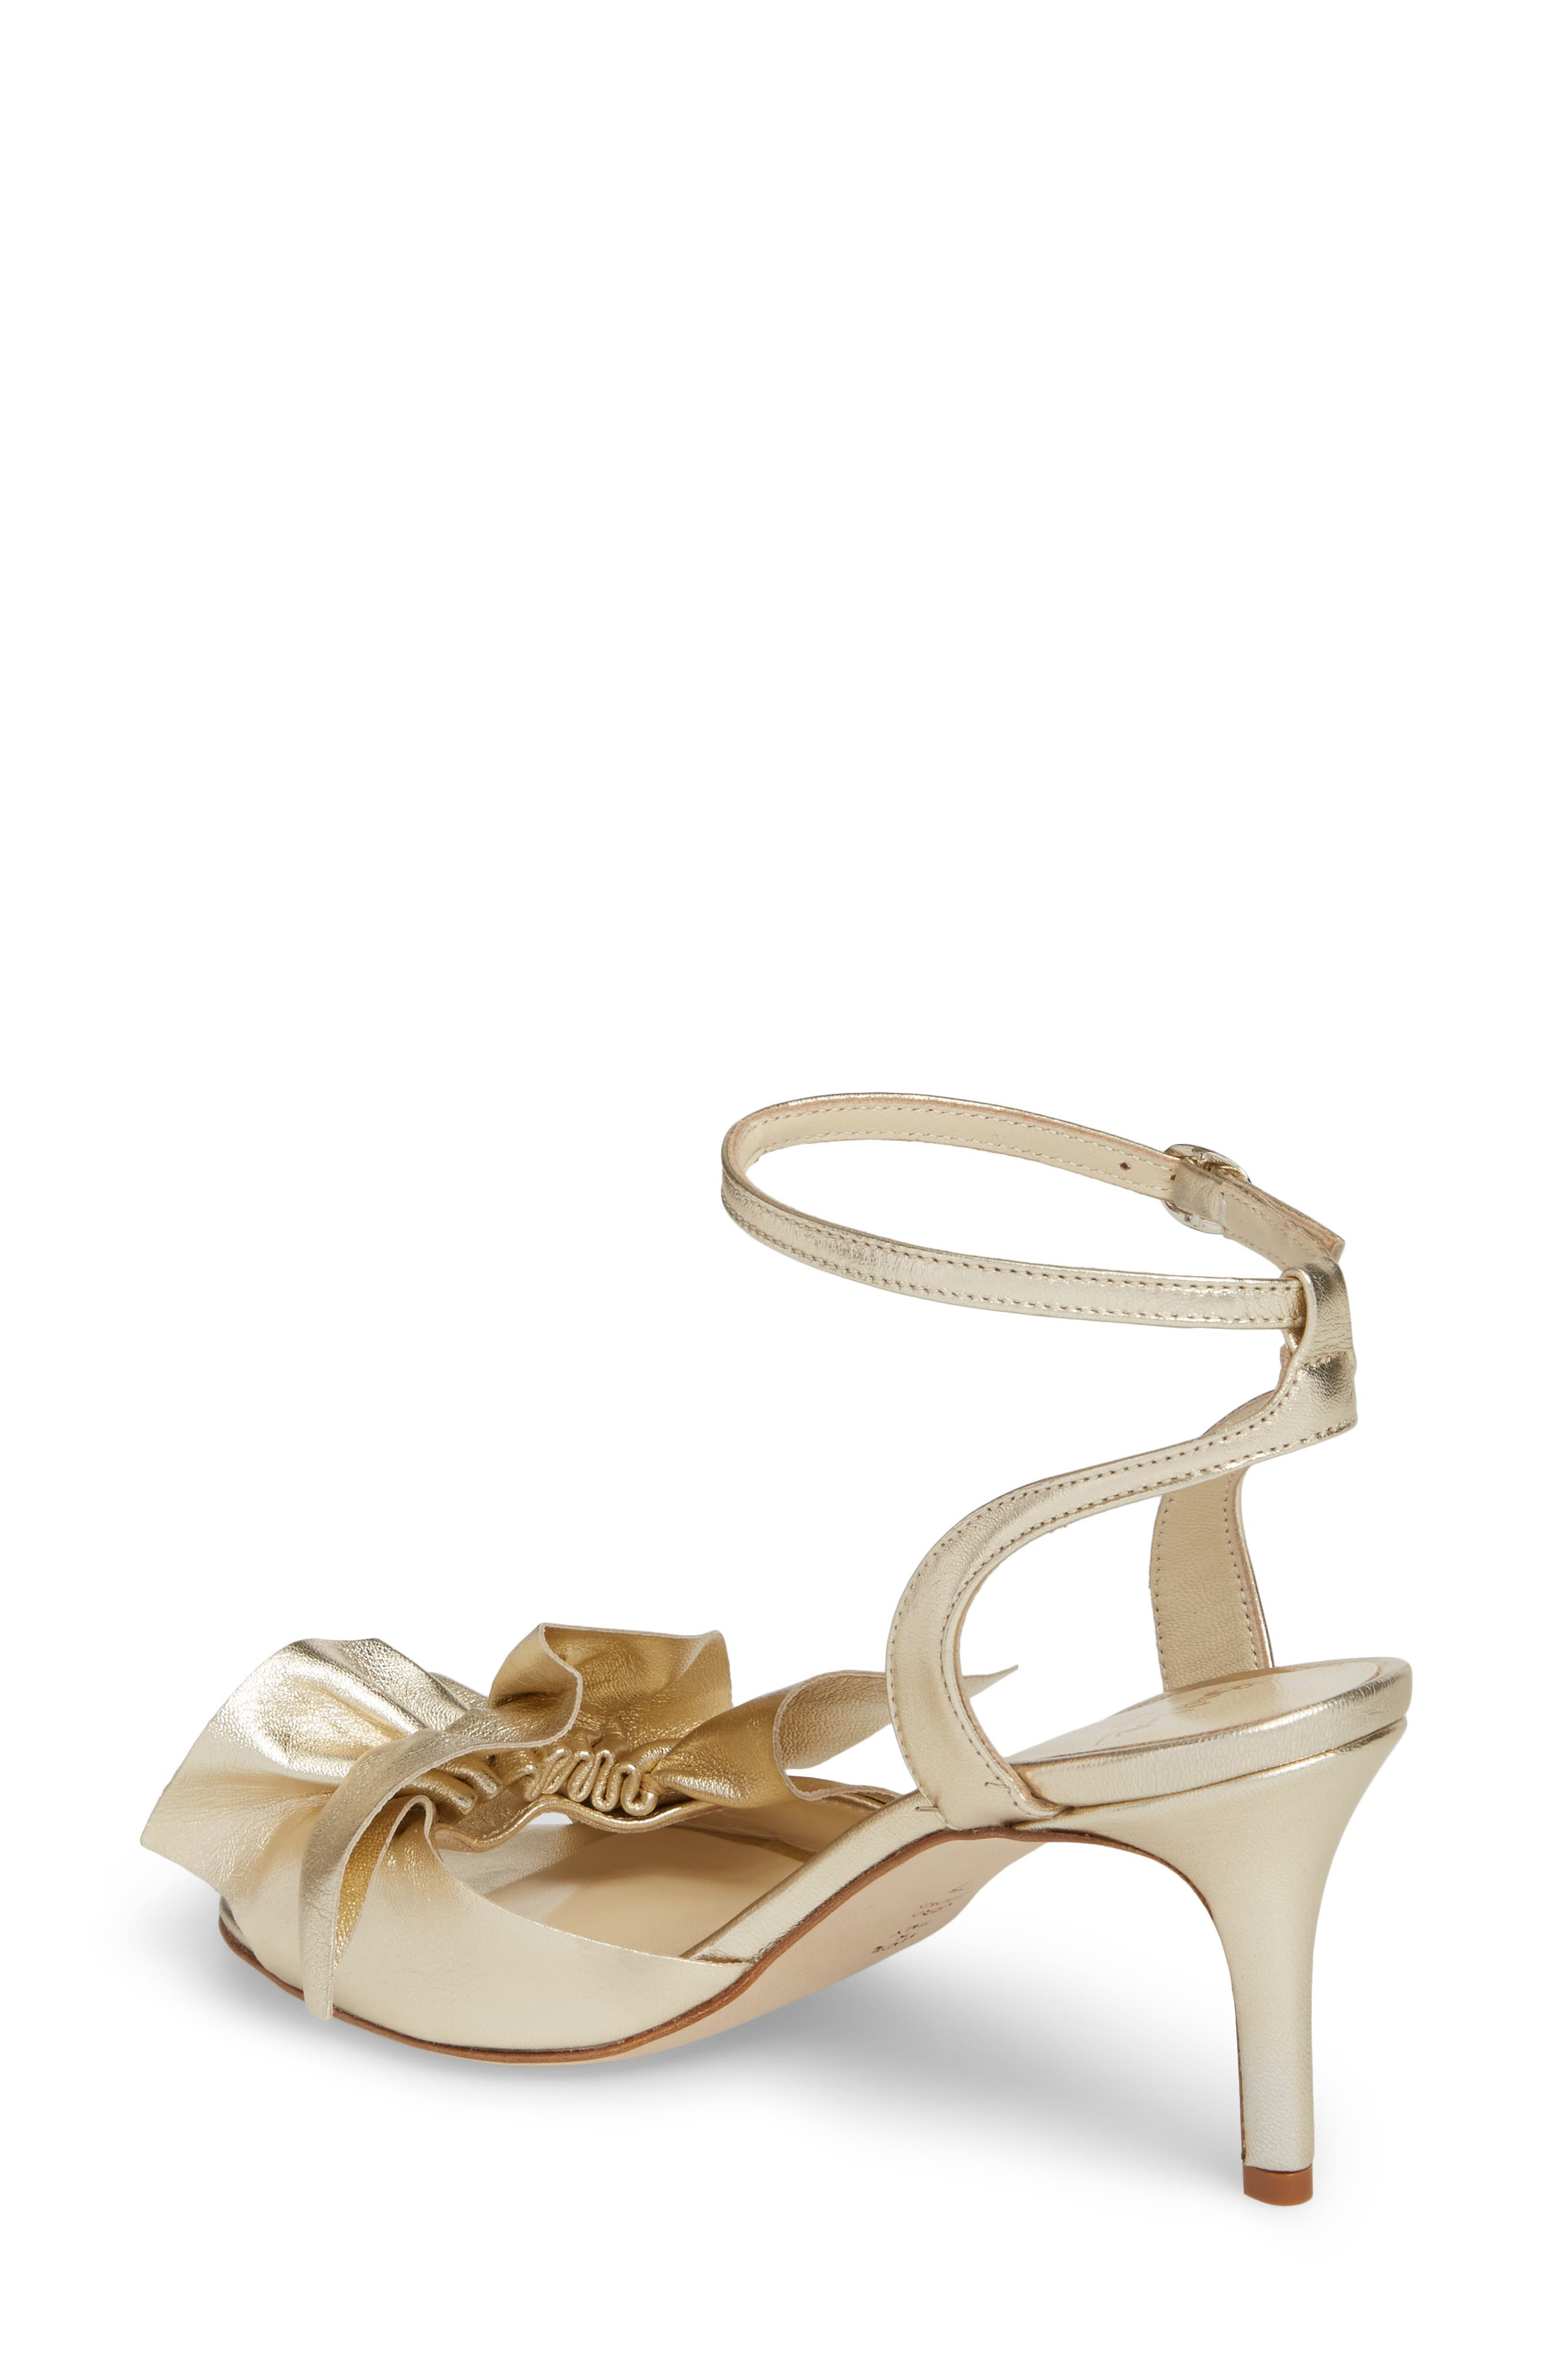 Butter Gem Embellished Ankle Strap Sandal,                             Alternate thumbnail 2, color,                             Platino Napa